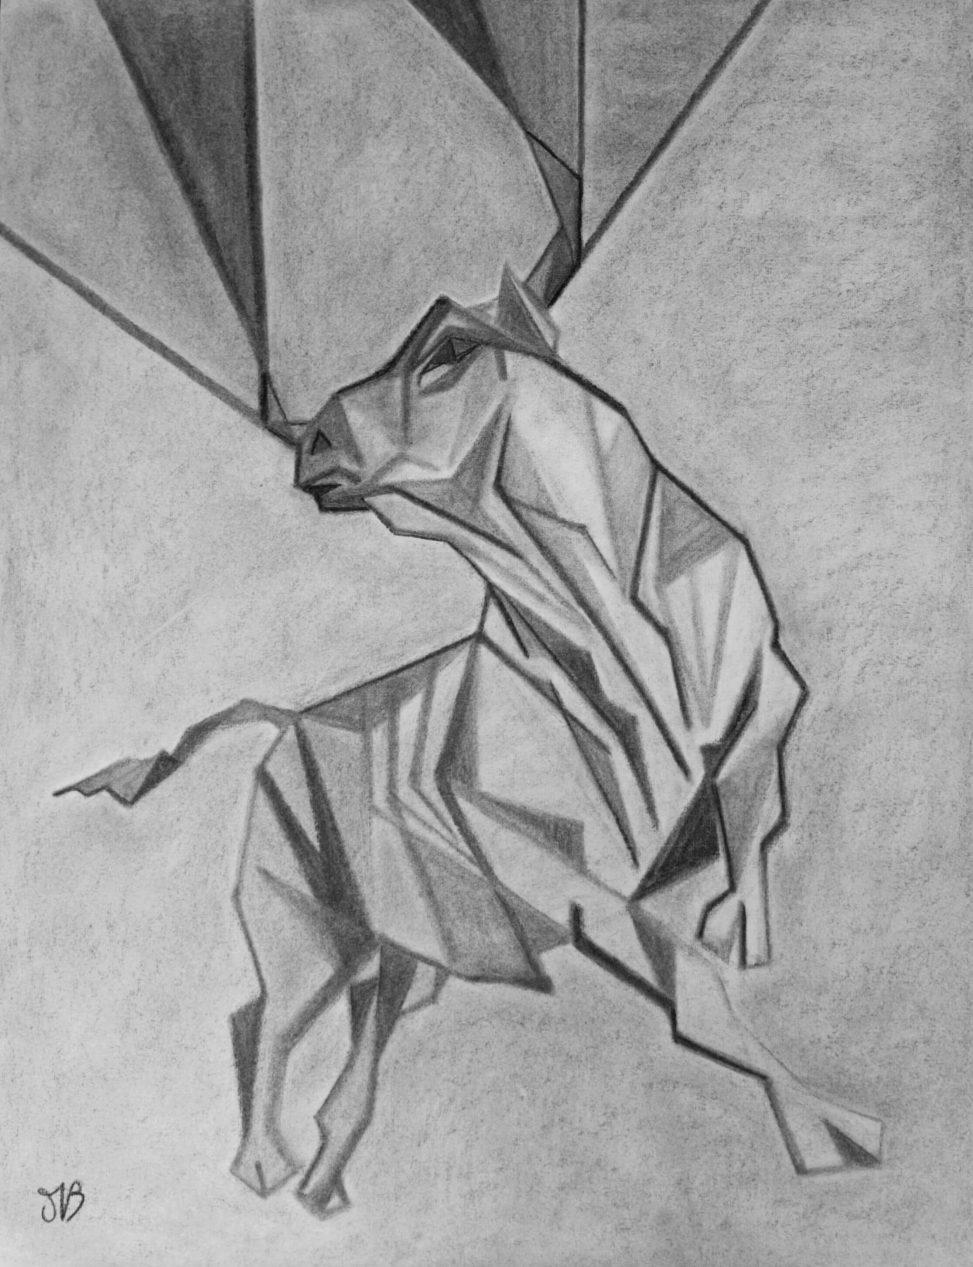 Commande spéciale, dessin de taureau au fusain sur papier Ingres